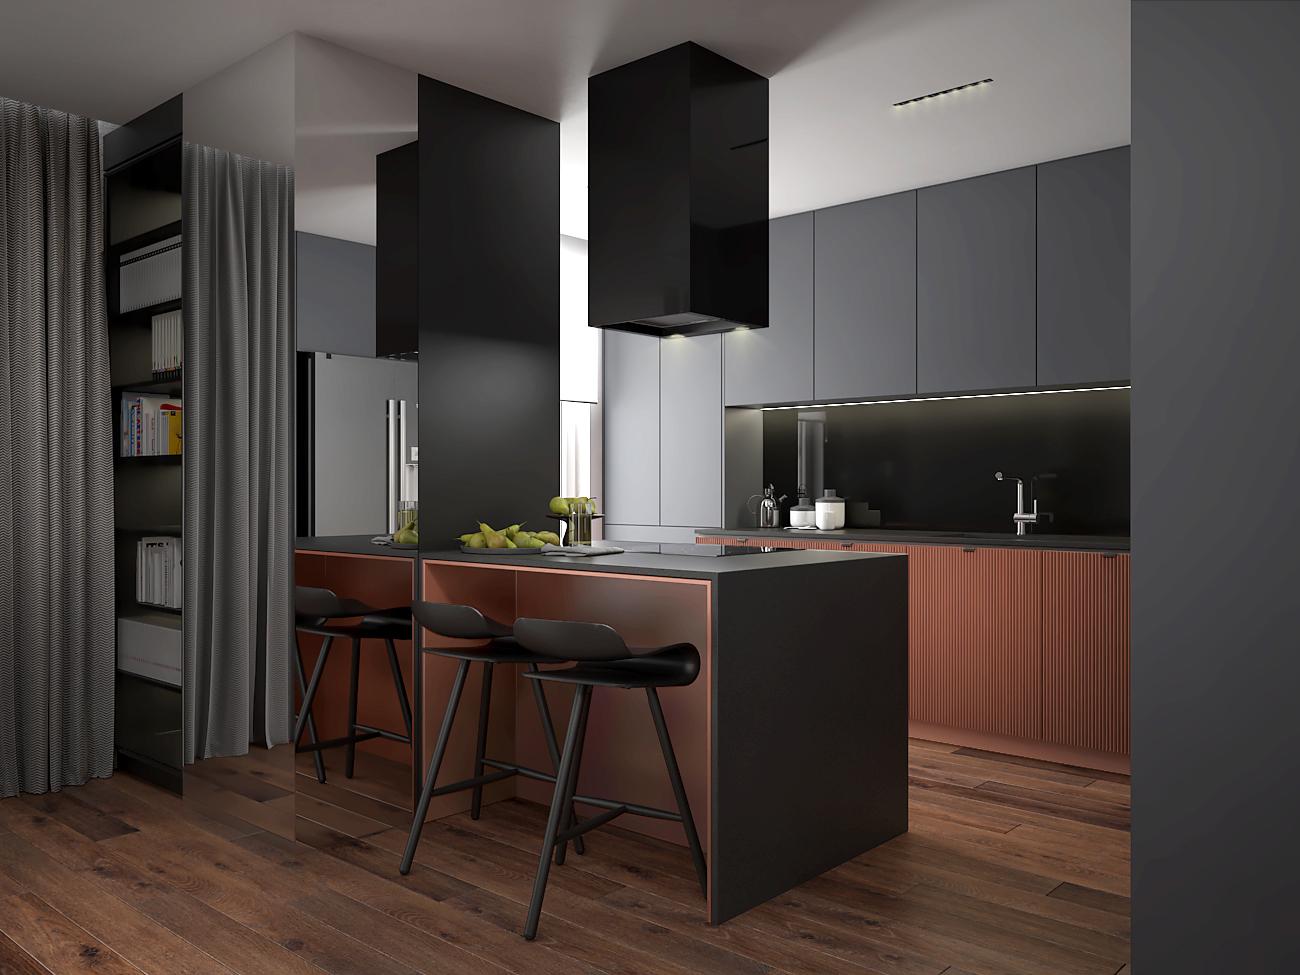 9 aranzacja wnetrza M563 mieszkanie katowice salon z kuchnia wyspa z miedzianymi elementami czarny okap wyspowy hokery